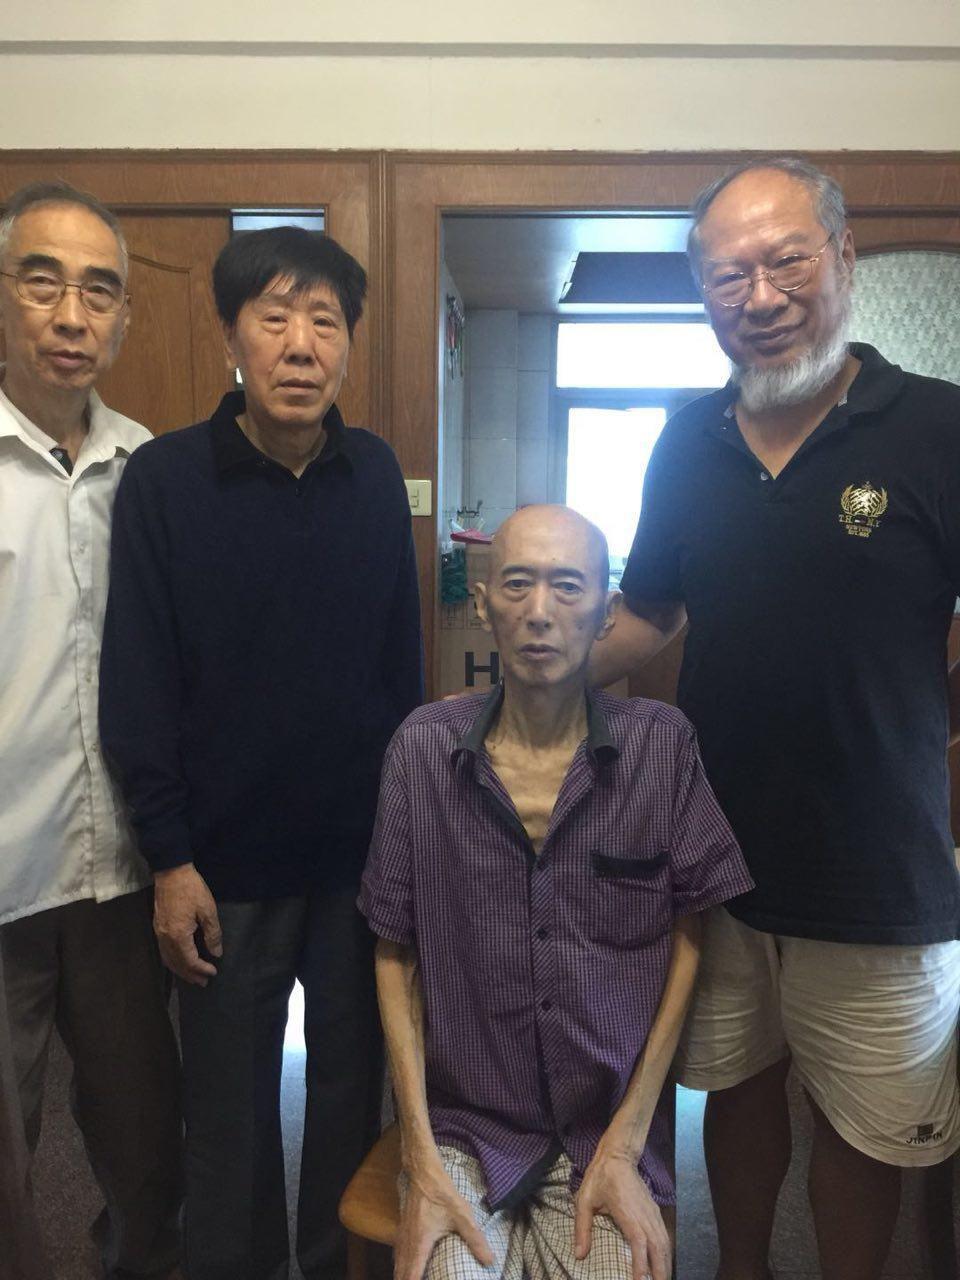 告:沉痛哀悼中国民主党人王荣耀先生!